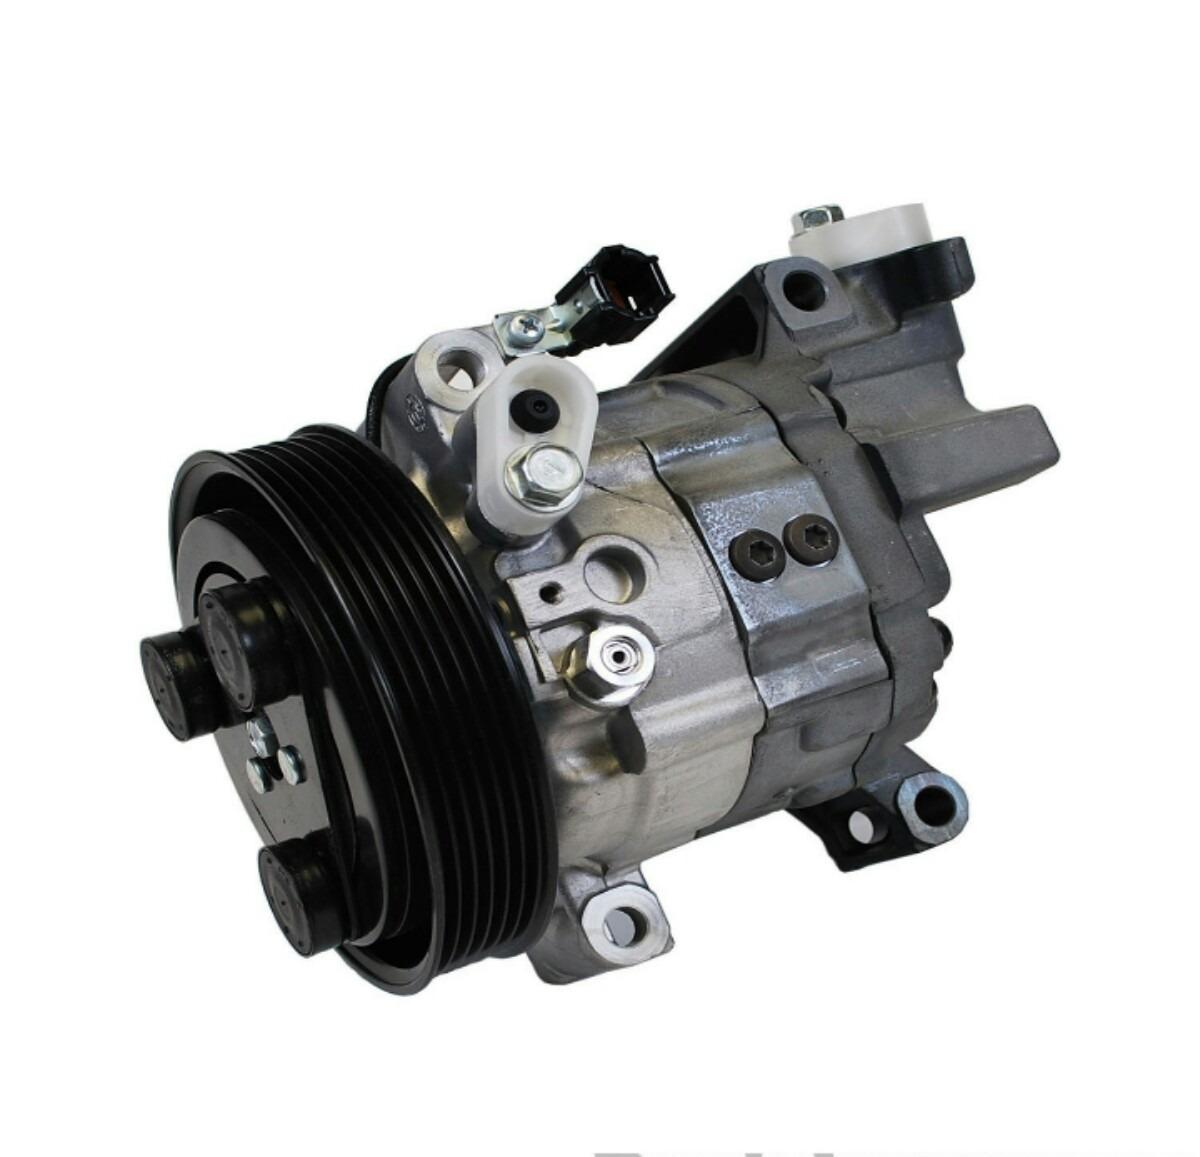 Nissan sentra compresor de aire acondicionado original for Compresor de aire acondicionado